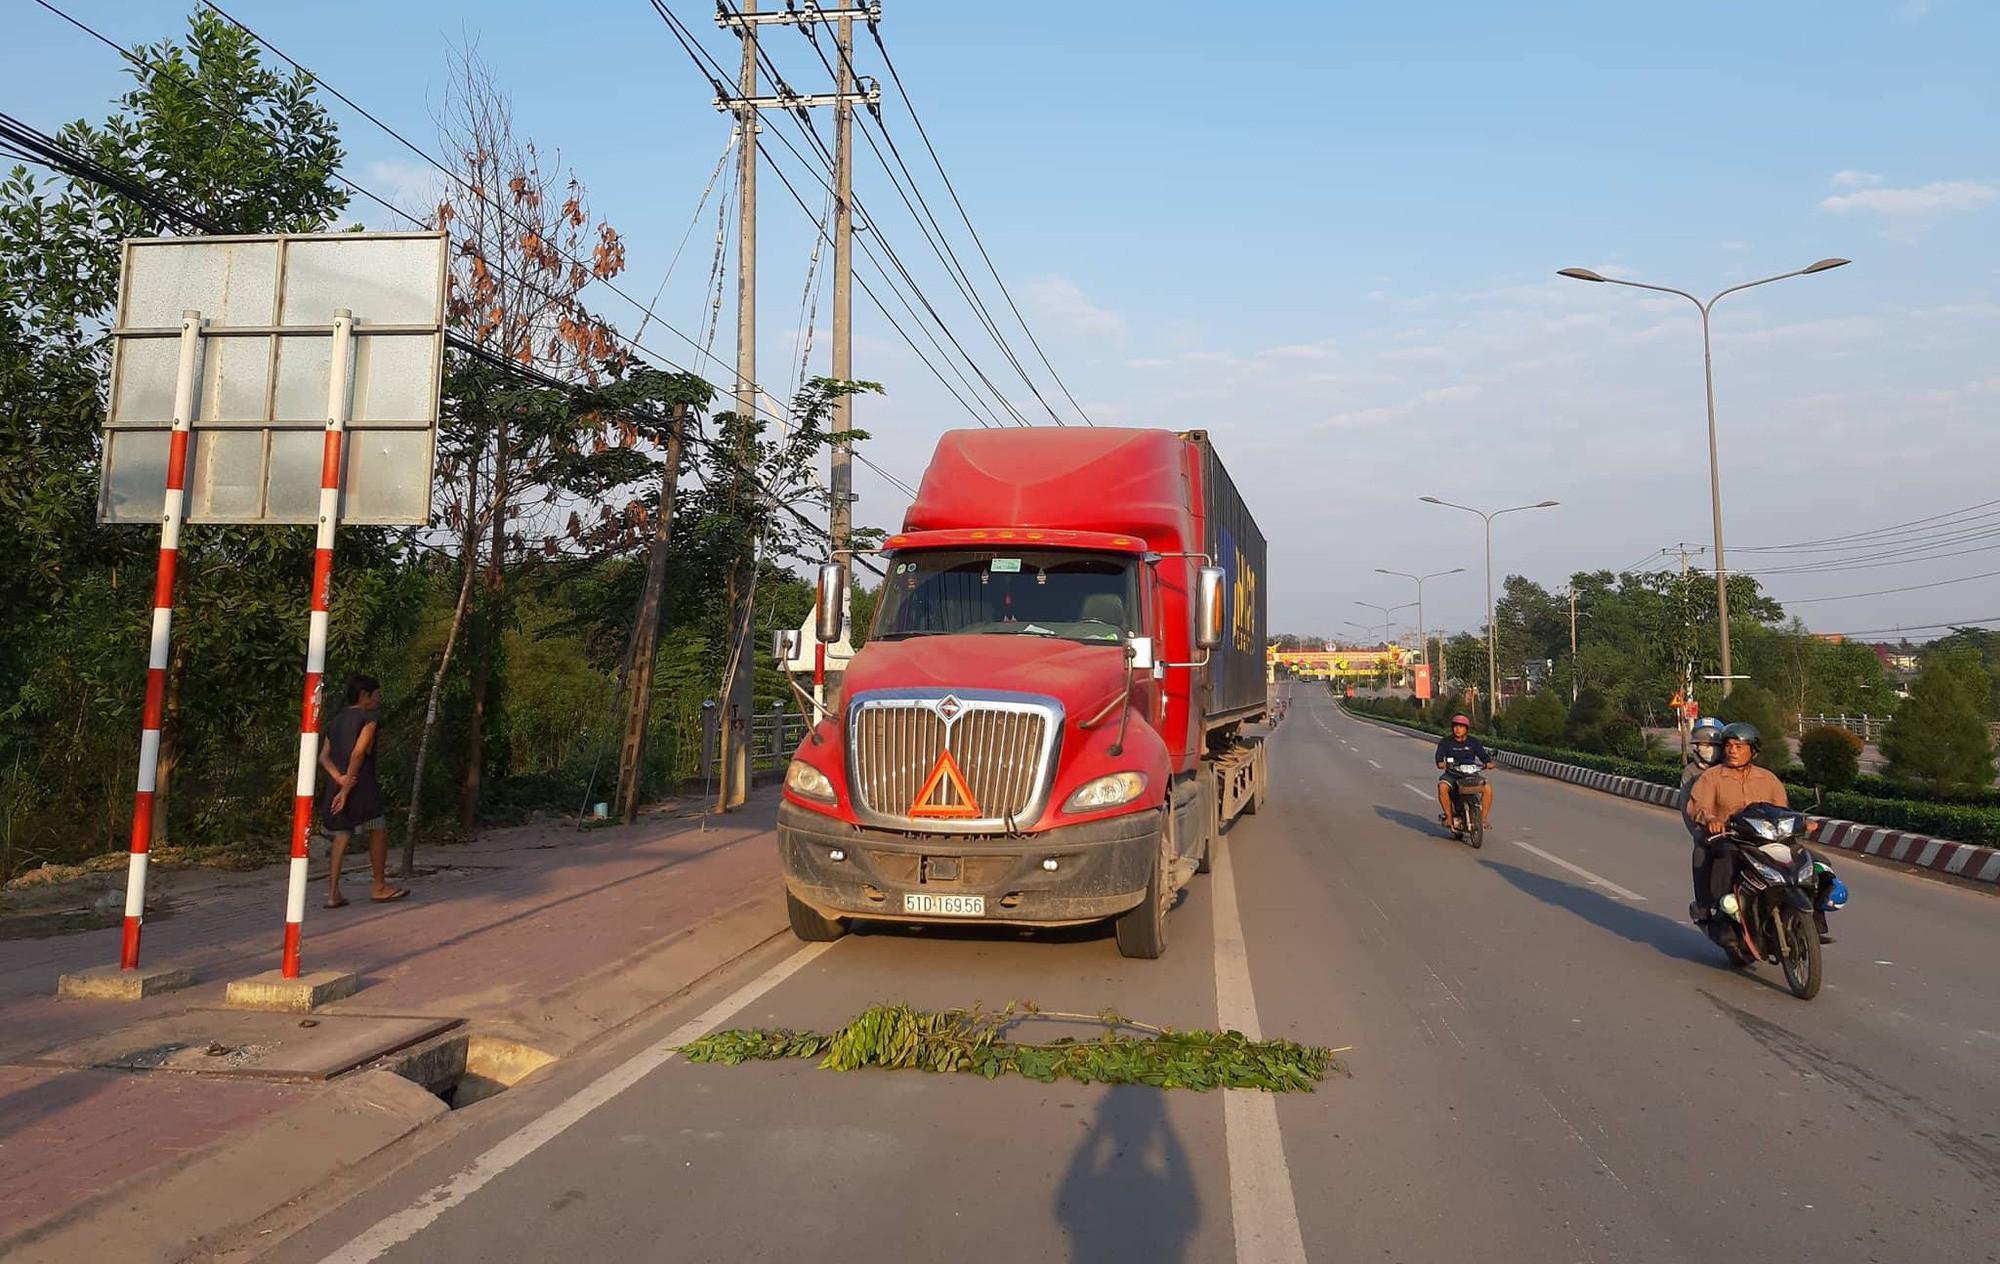 Xe container liên quan đến vụ tai nạn khiến 2 vợ chồng t.ử v.ong, 2 con thơ bị th.ương nặng.